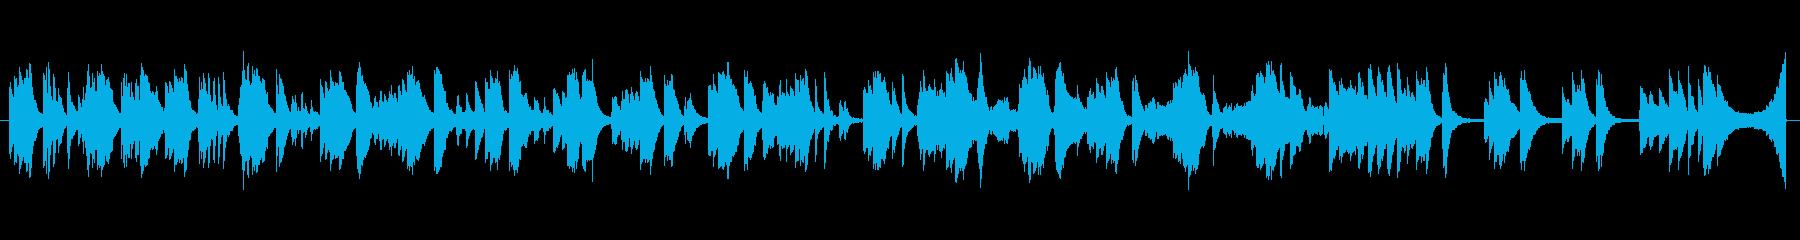 泉、癒し、森、がコンセプトのピアノ曲の再生済みの波形